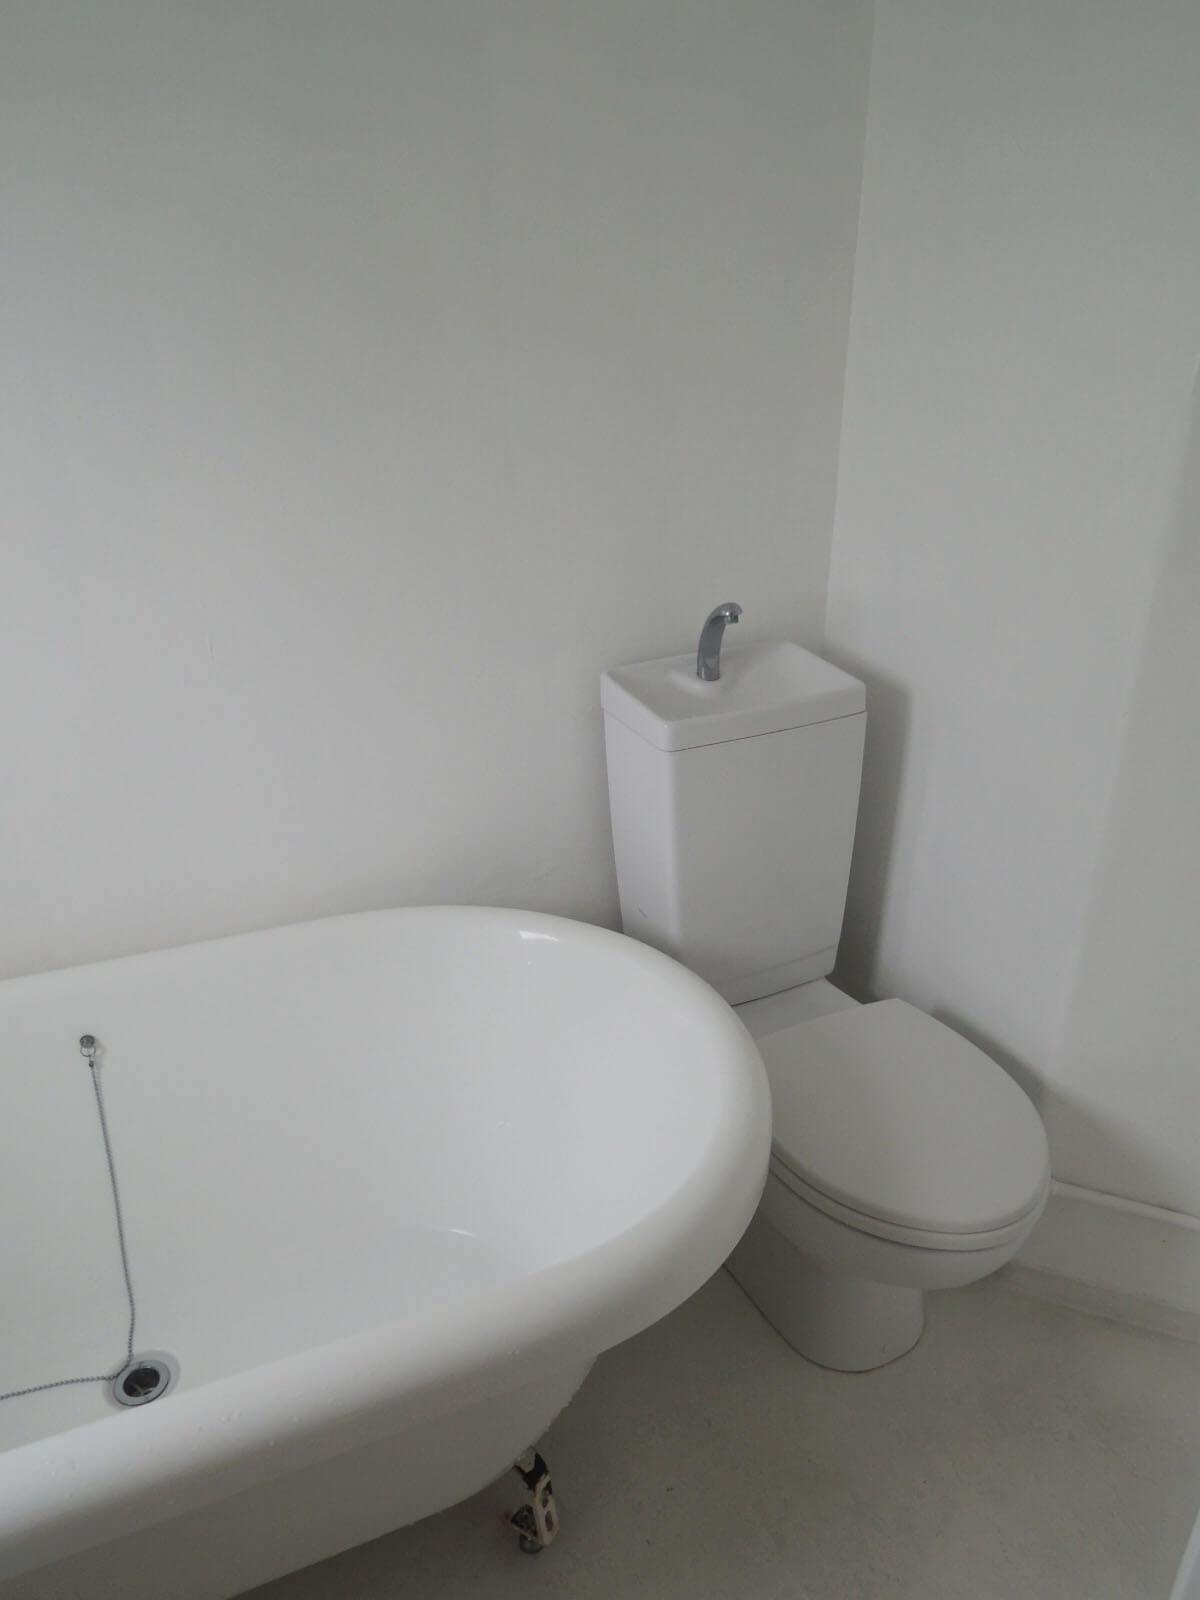 トイレと密着気味ですが、これもご愛敬